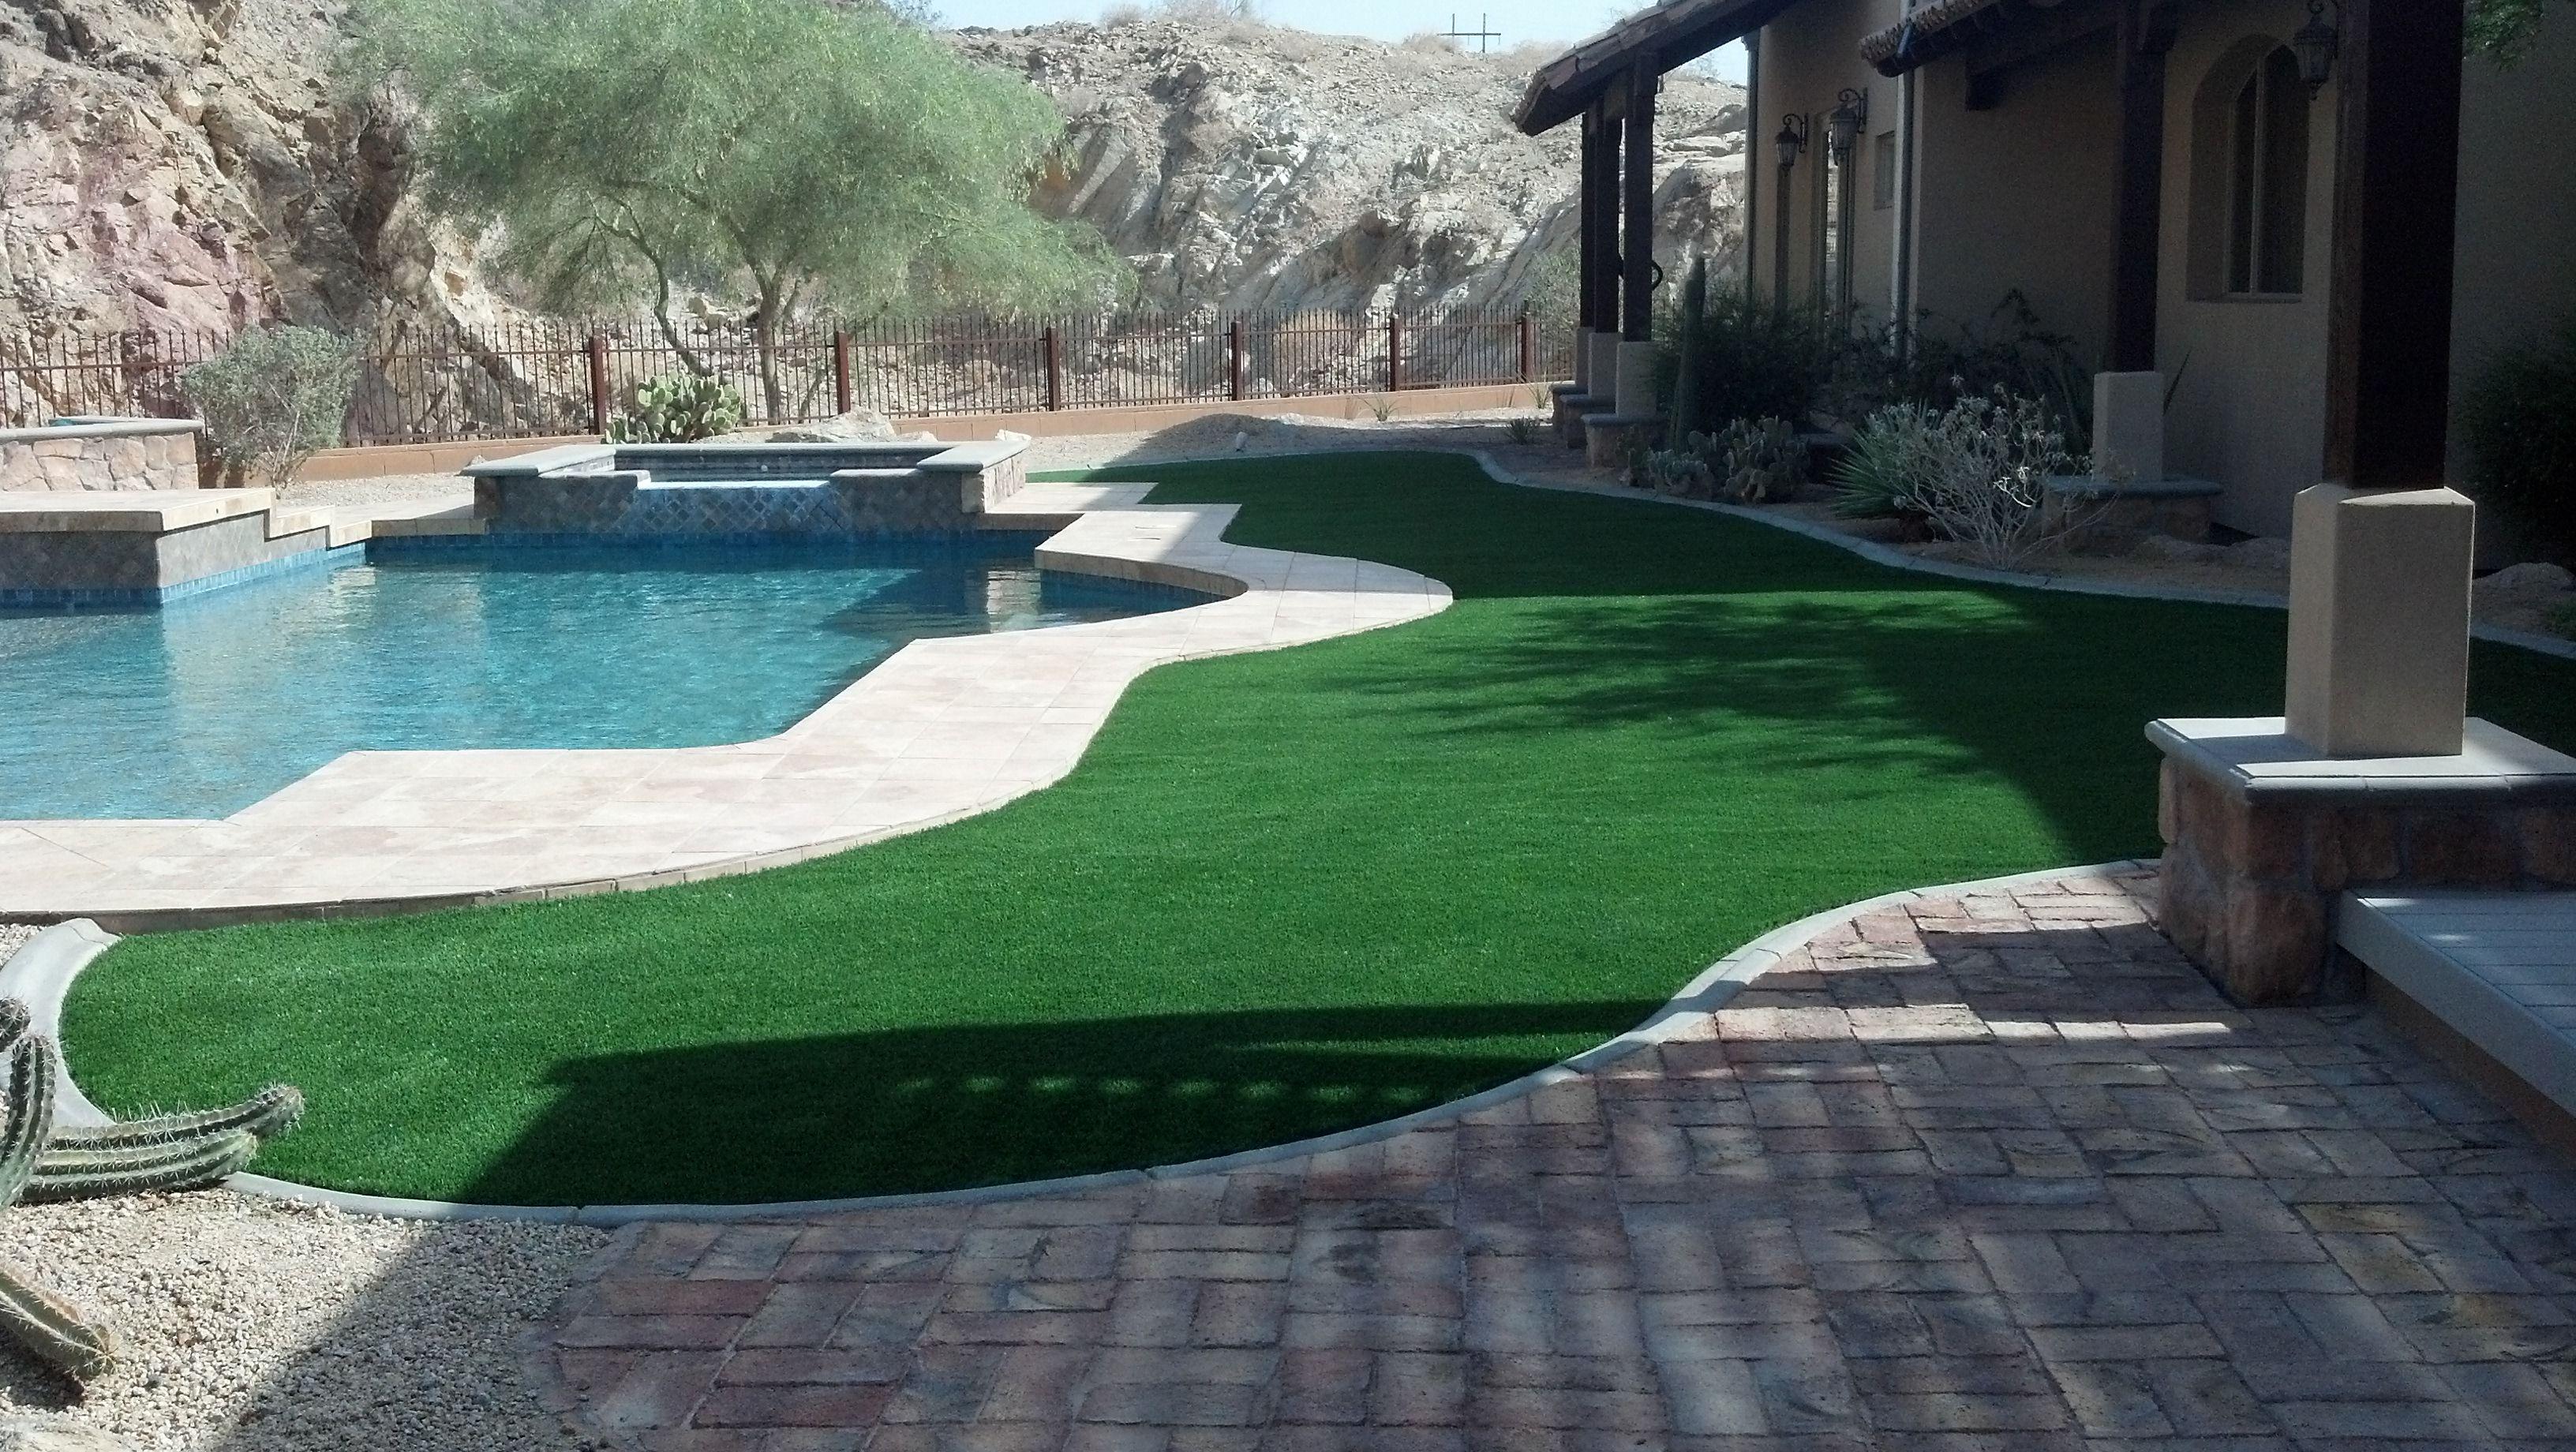 Beautiful Backyard Installation In Yuma Around A Pool Www Easyturf Com L Easyturf L Artificial Grass L Fake Grass Backyard Artificial Lawn Beautiful Backyards